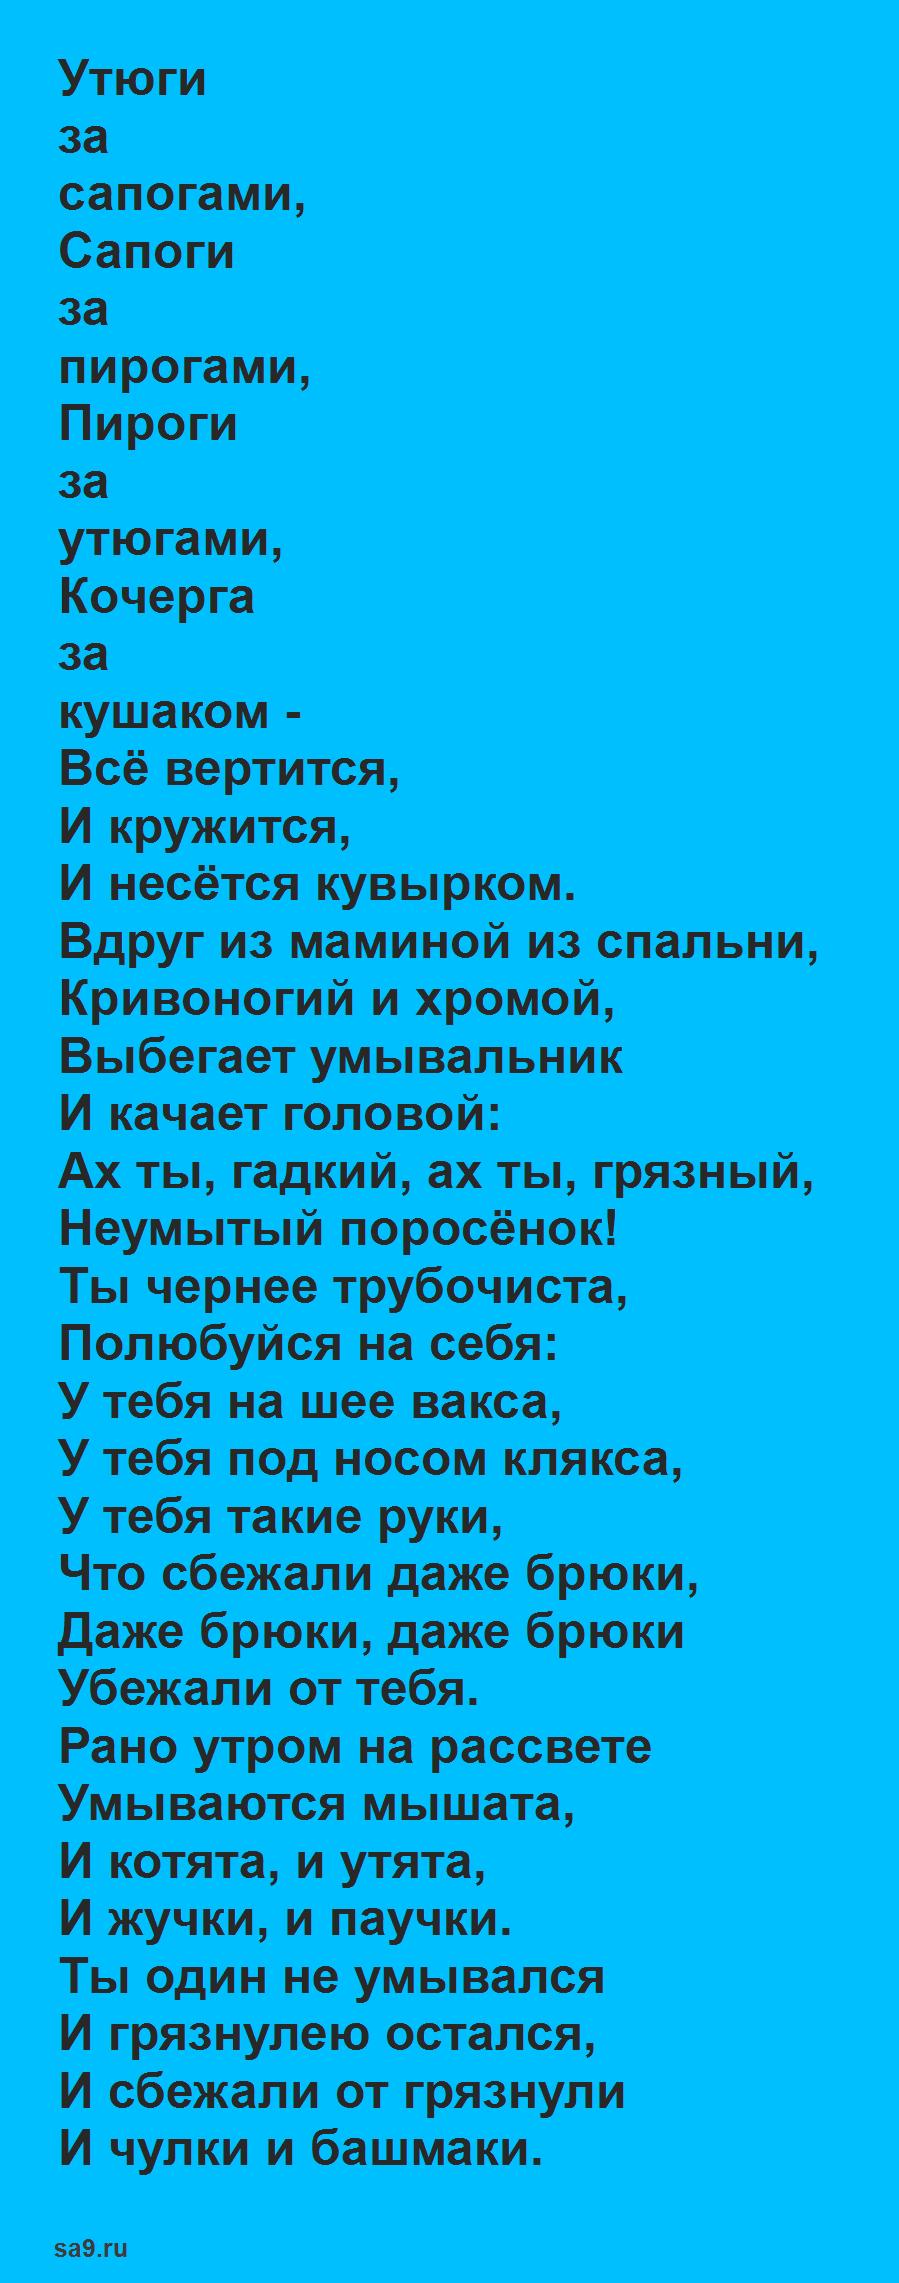 Сказка 'Мойдодыр', Корней Чуковский для детей